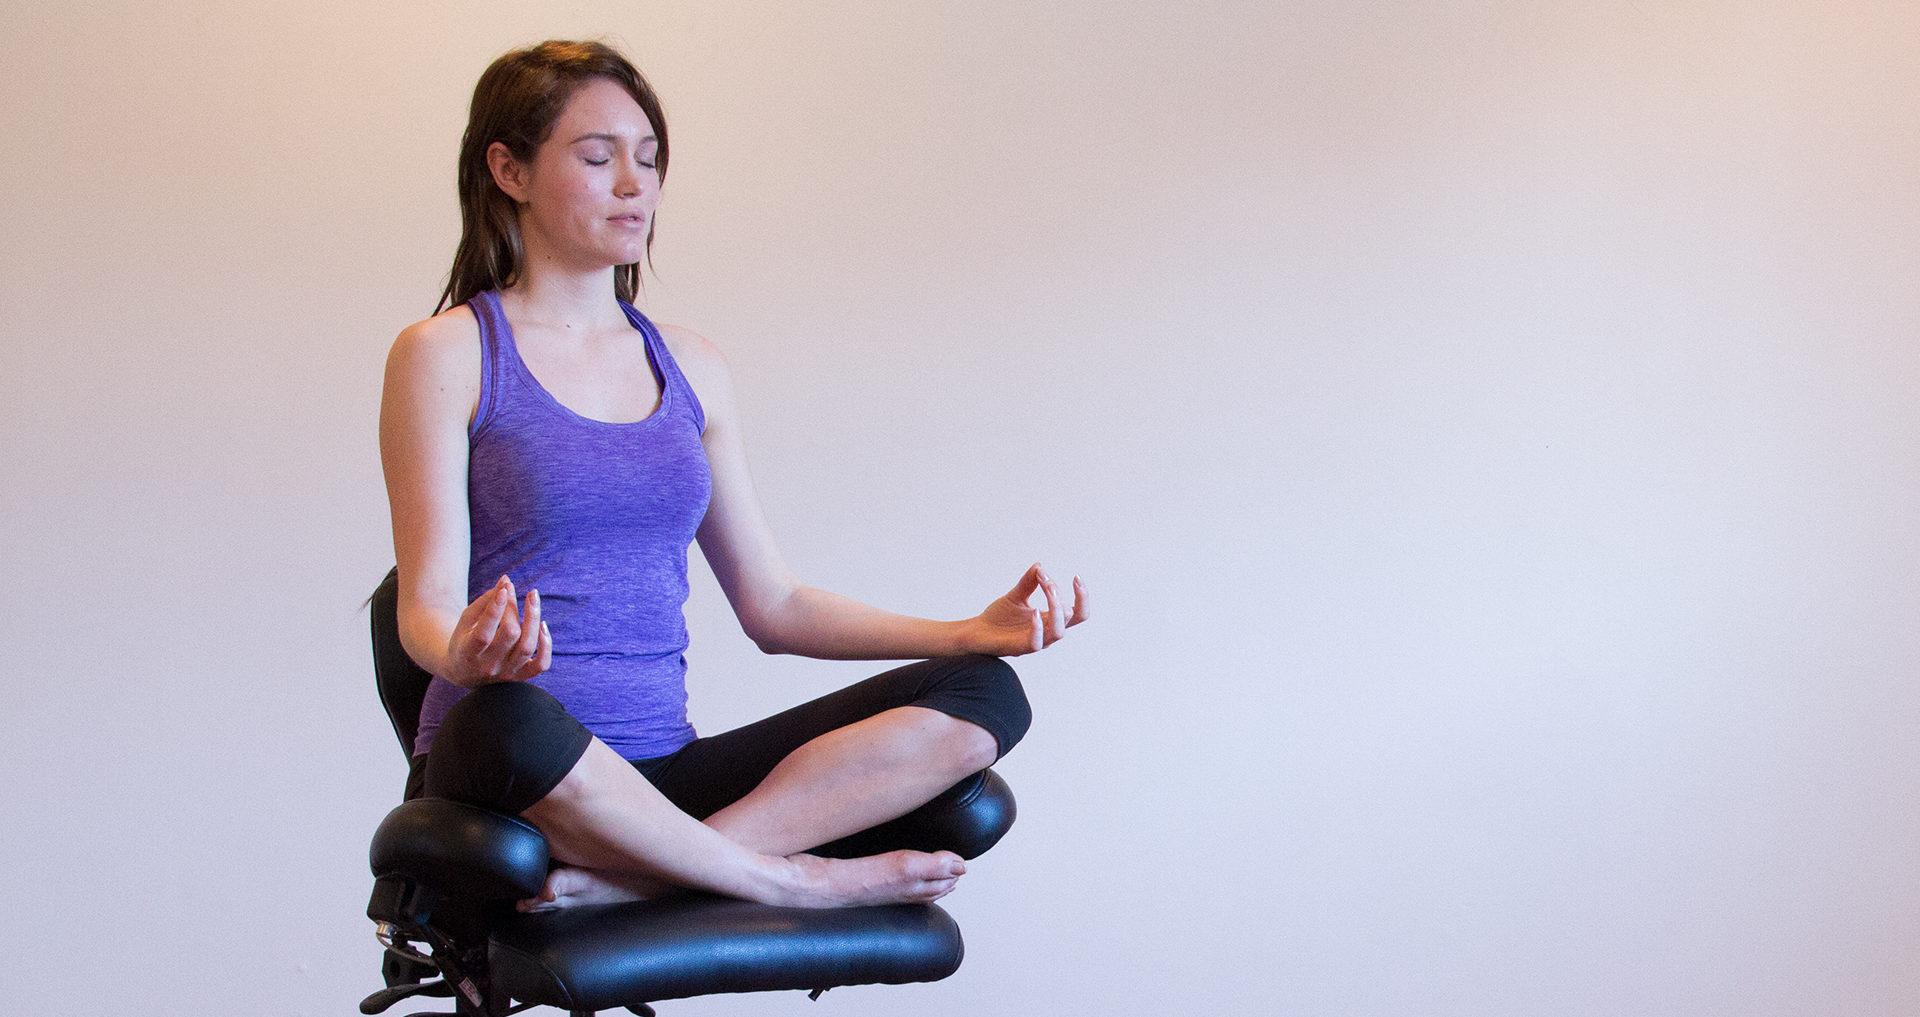 Ergonomic Desk Chairs Improve Posture Sukhasana